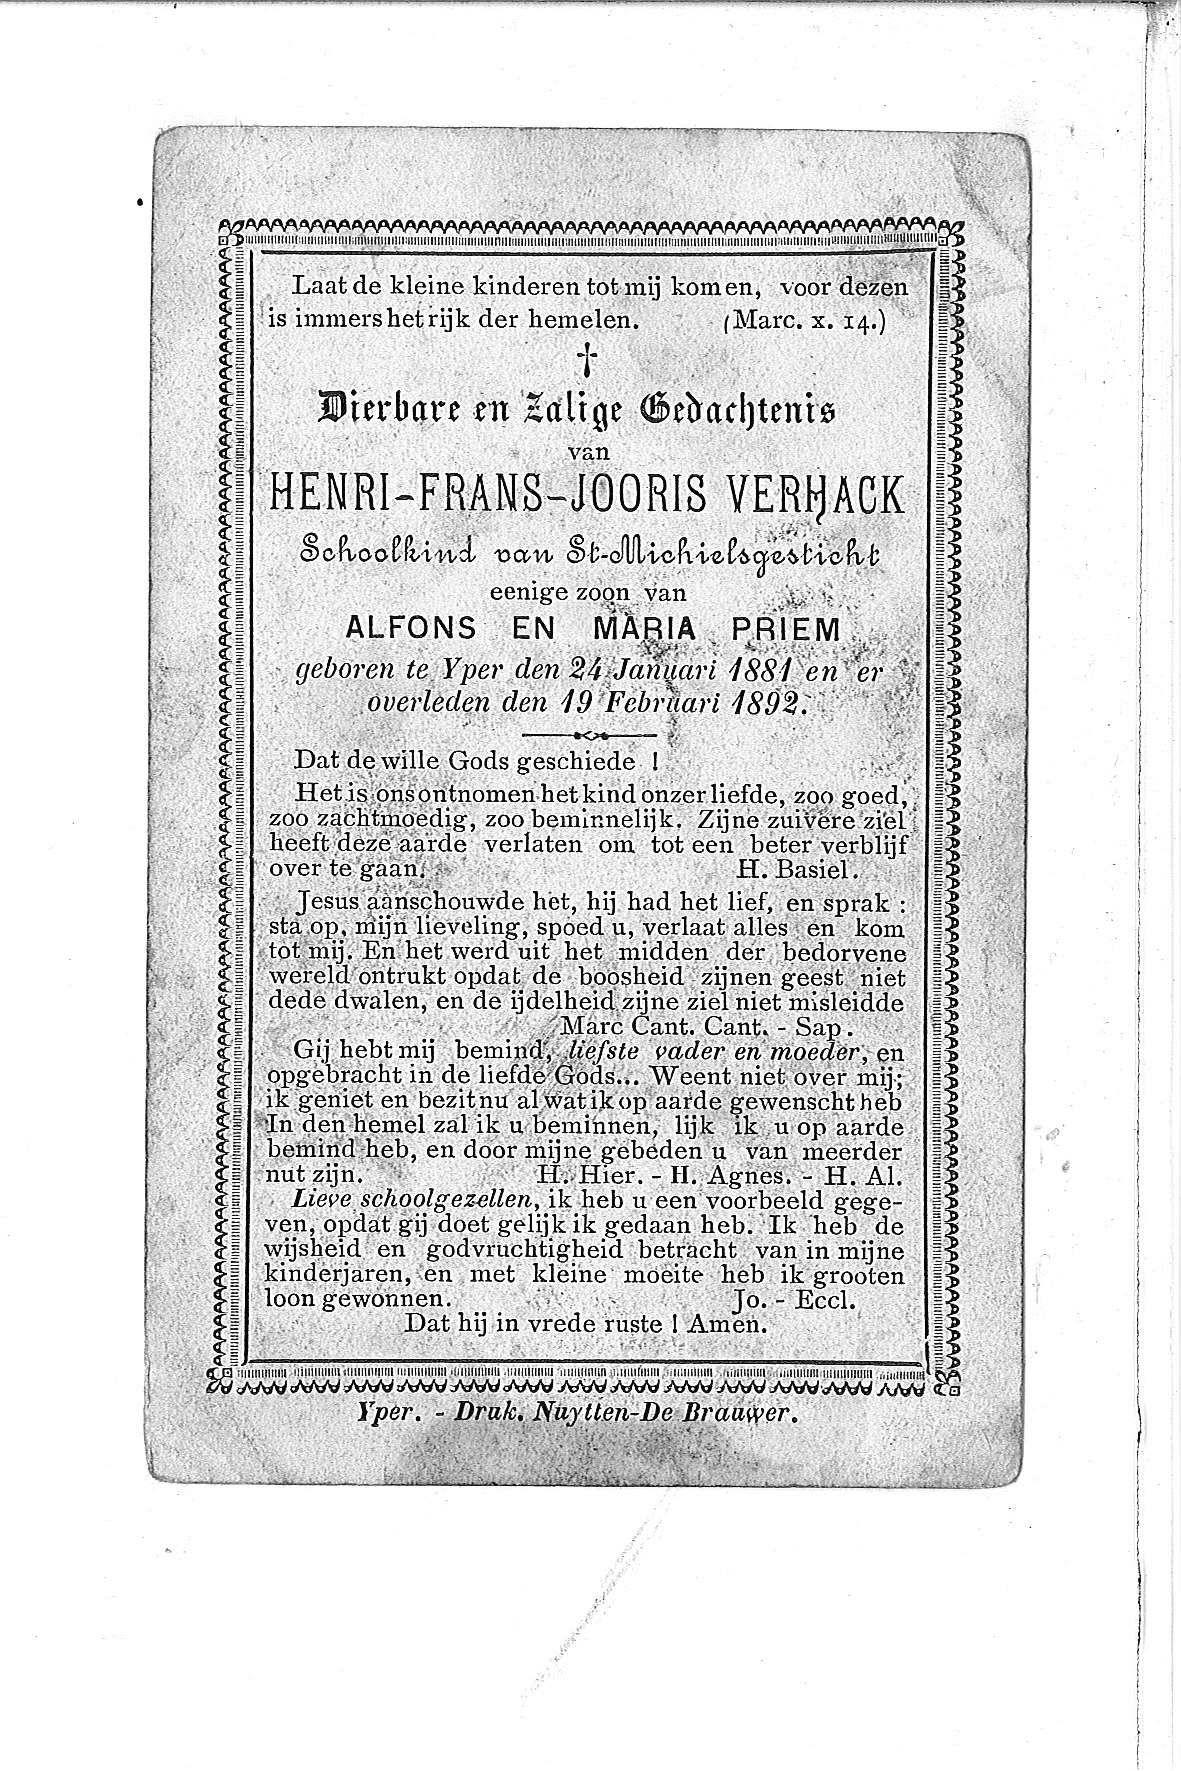 Henri-Frans-Jooris(1892)20100722144133_00036.jpg